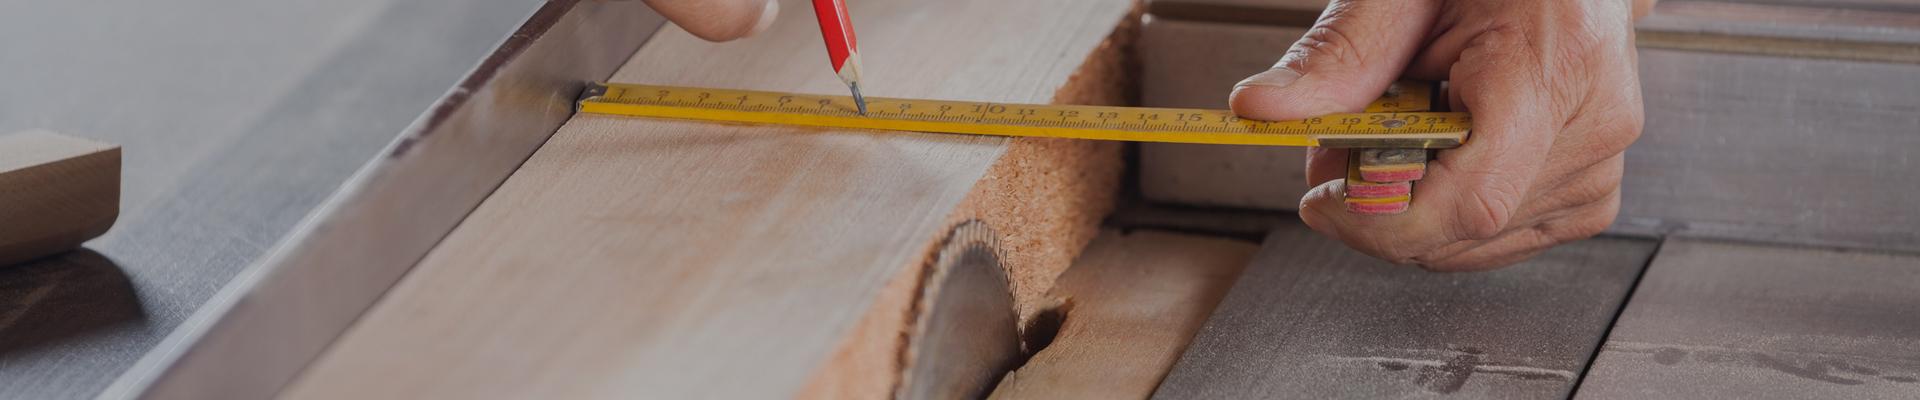 Candi Habitat obras y reformas en Barcelona, carpintería